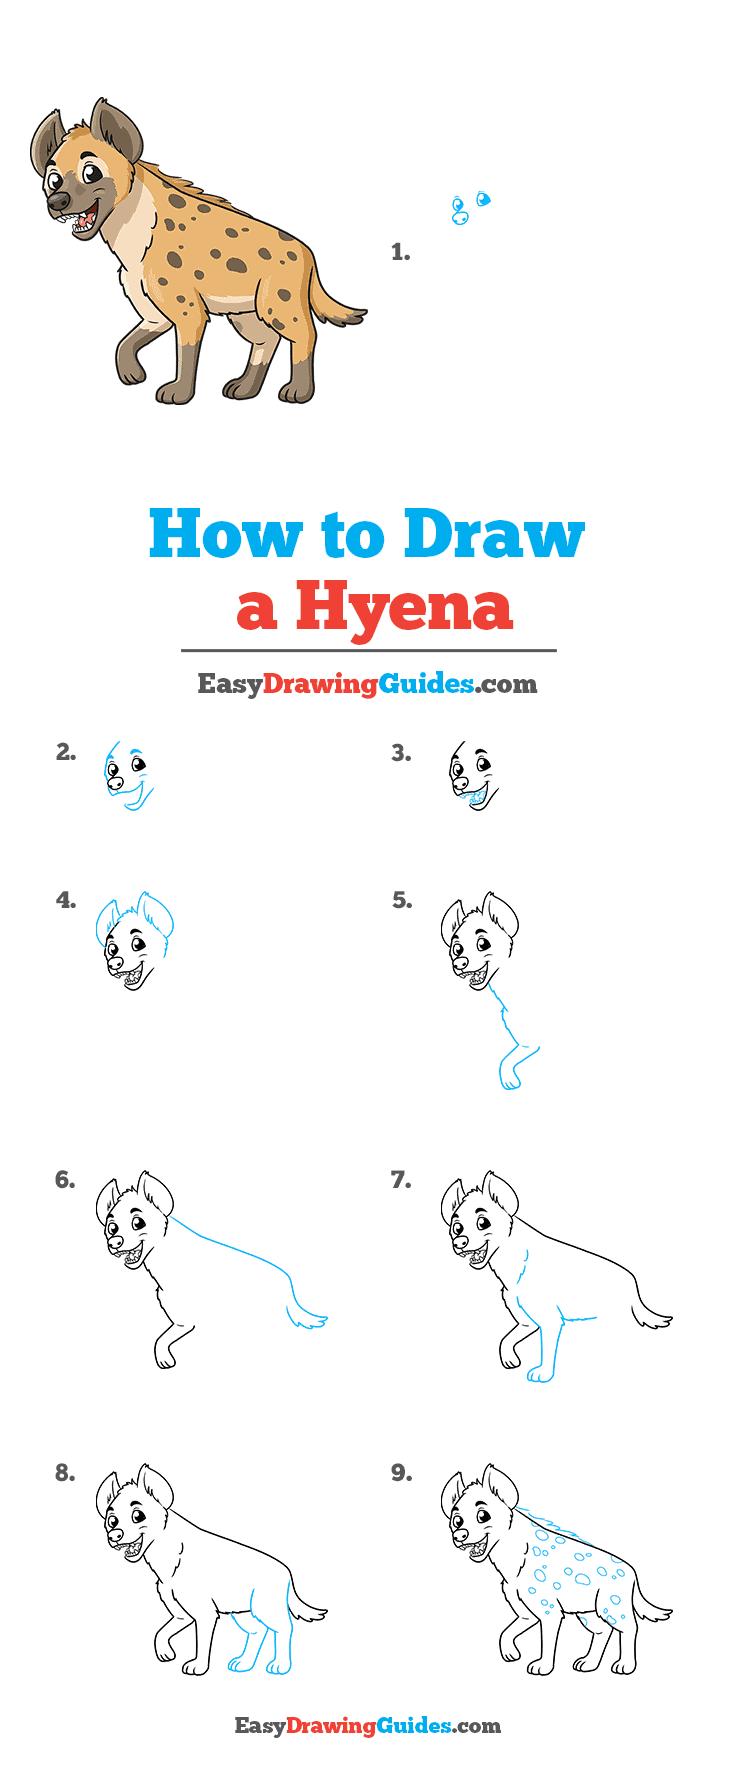 How to Draw Hyena